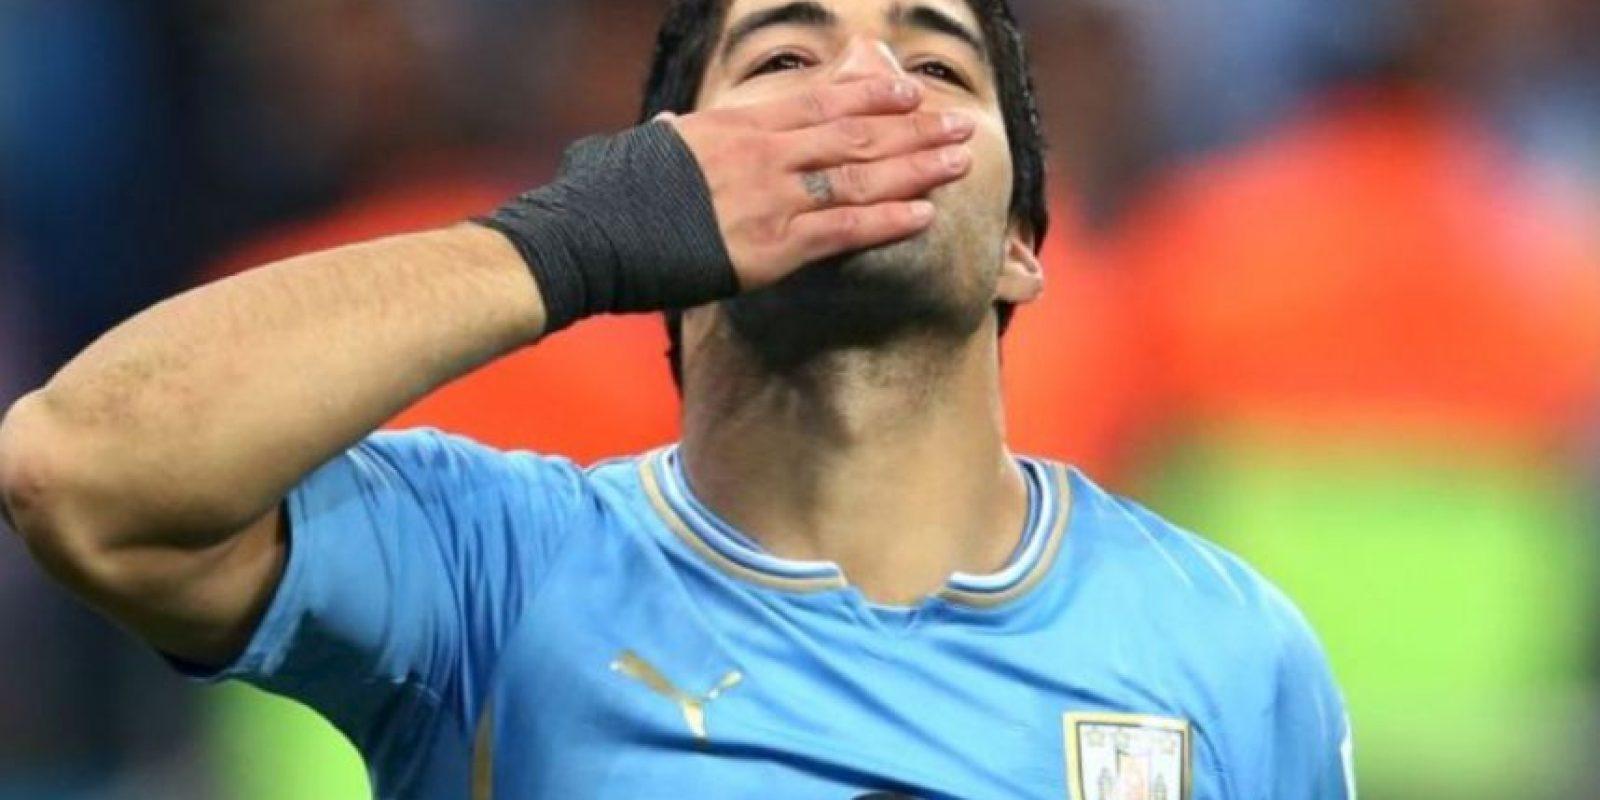 """""""Nosotros tenemos 15 Copas América, que se preocupen los que nunca la han ganado"""", Luis Suárez, delantero uruguayo del Barcelona, después de que Alexis Sánchez criticara la dureza con la que juega la """"Celeste"""" Foto:AFP"""